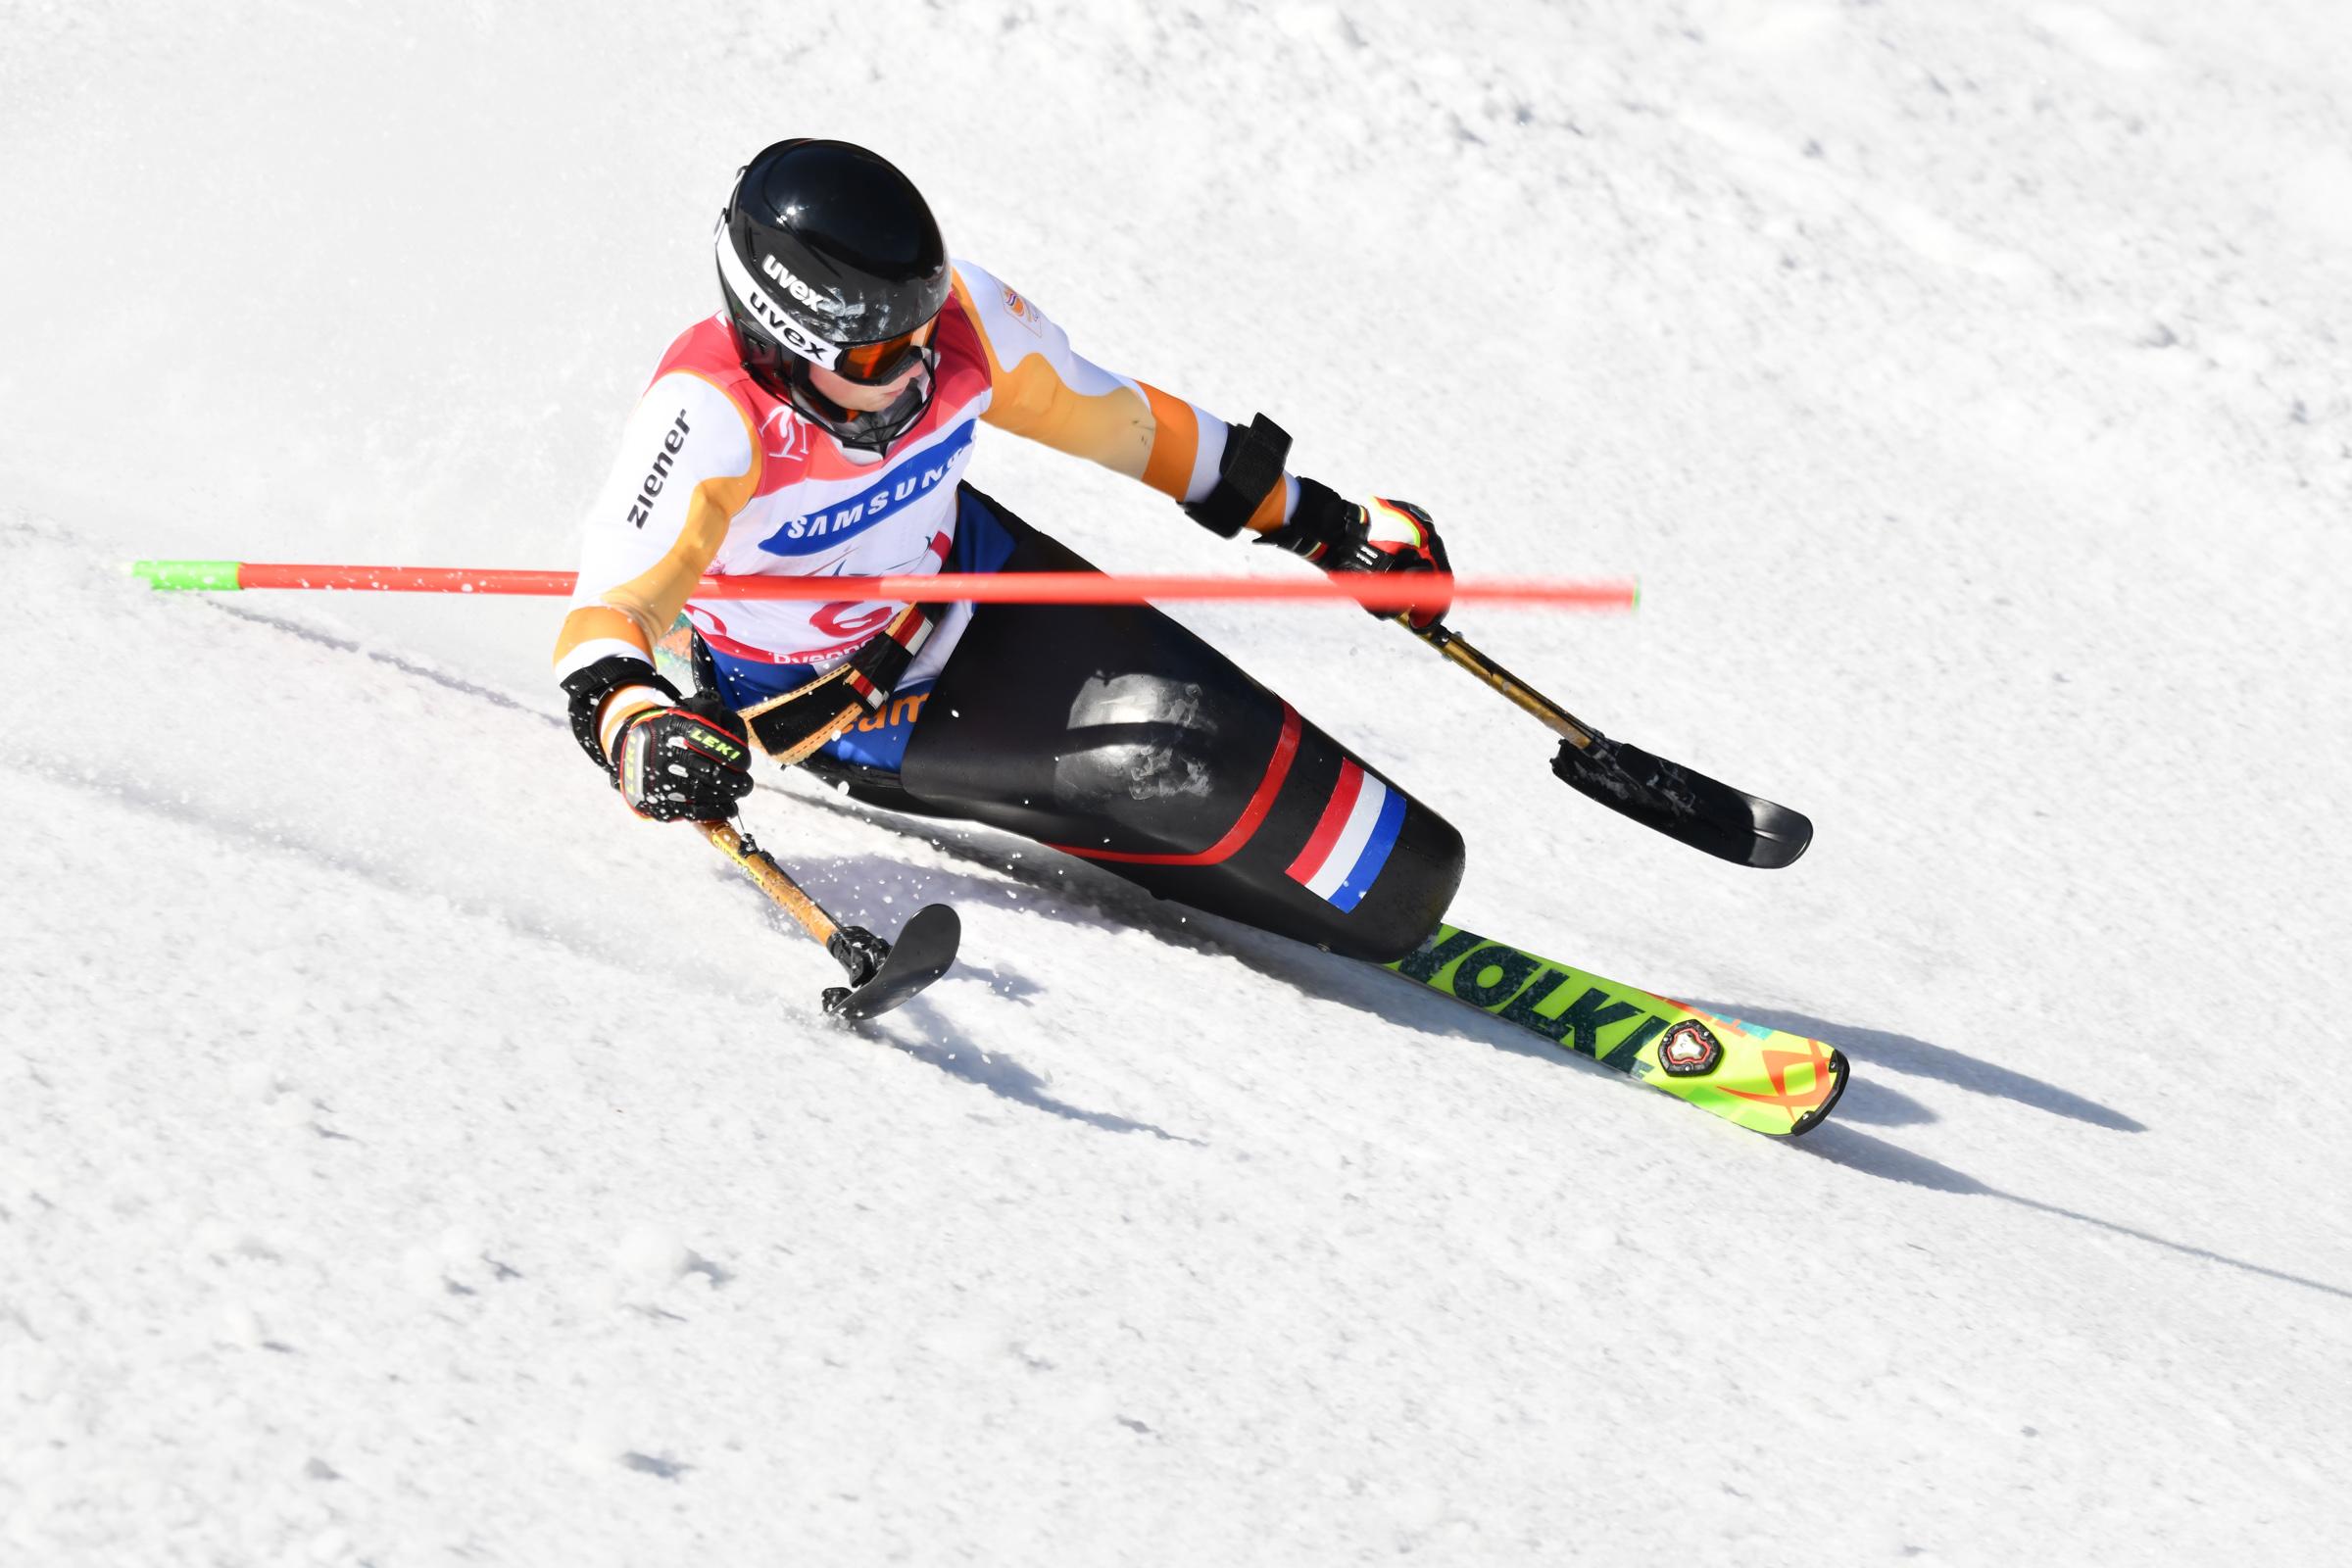 Rood-wit-blauwe troostprijs voor Kampschreur na teleurstellende slalom